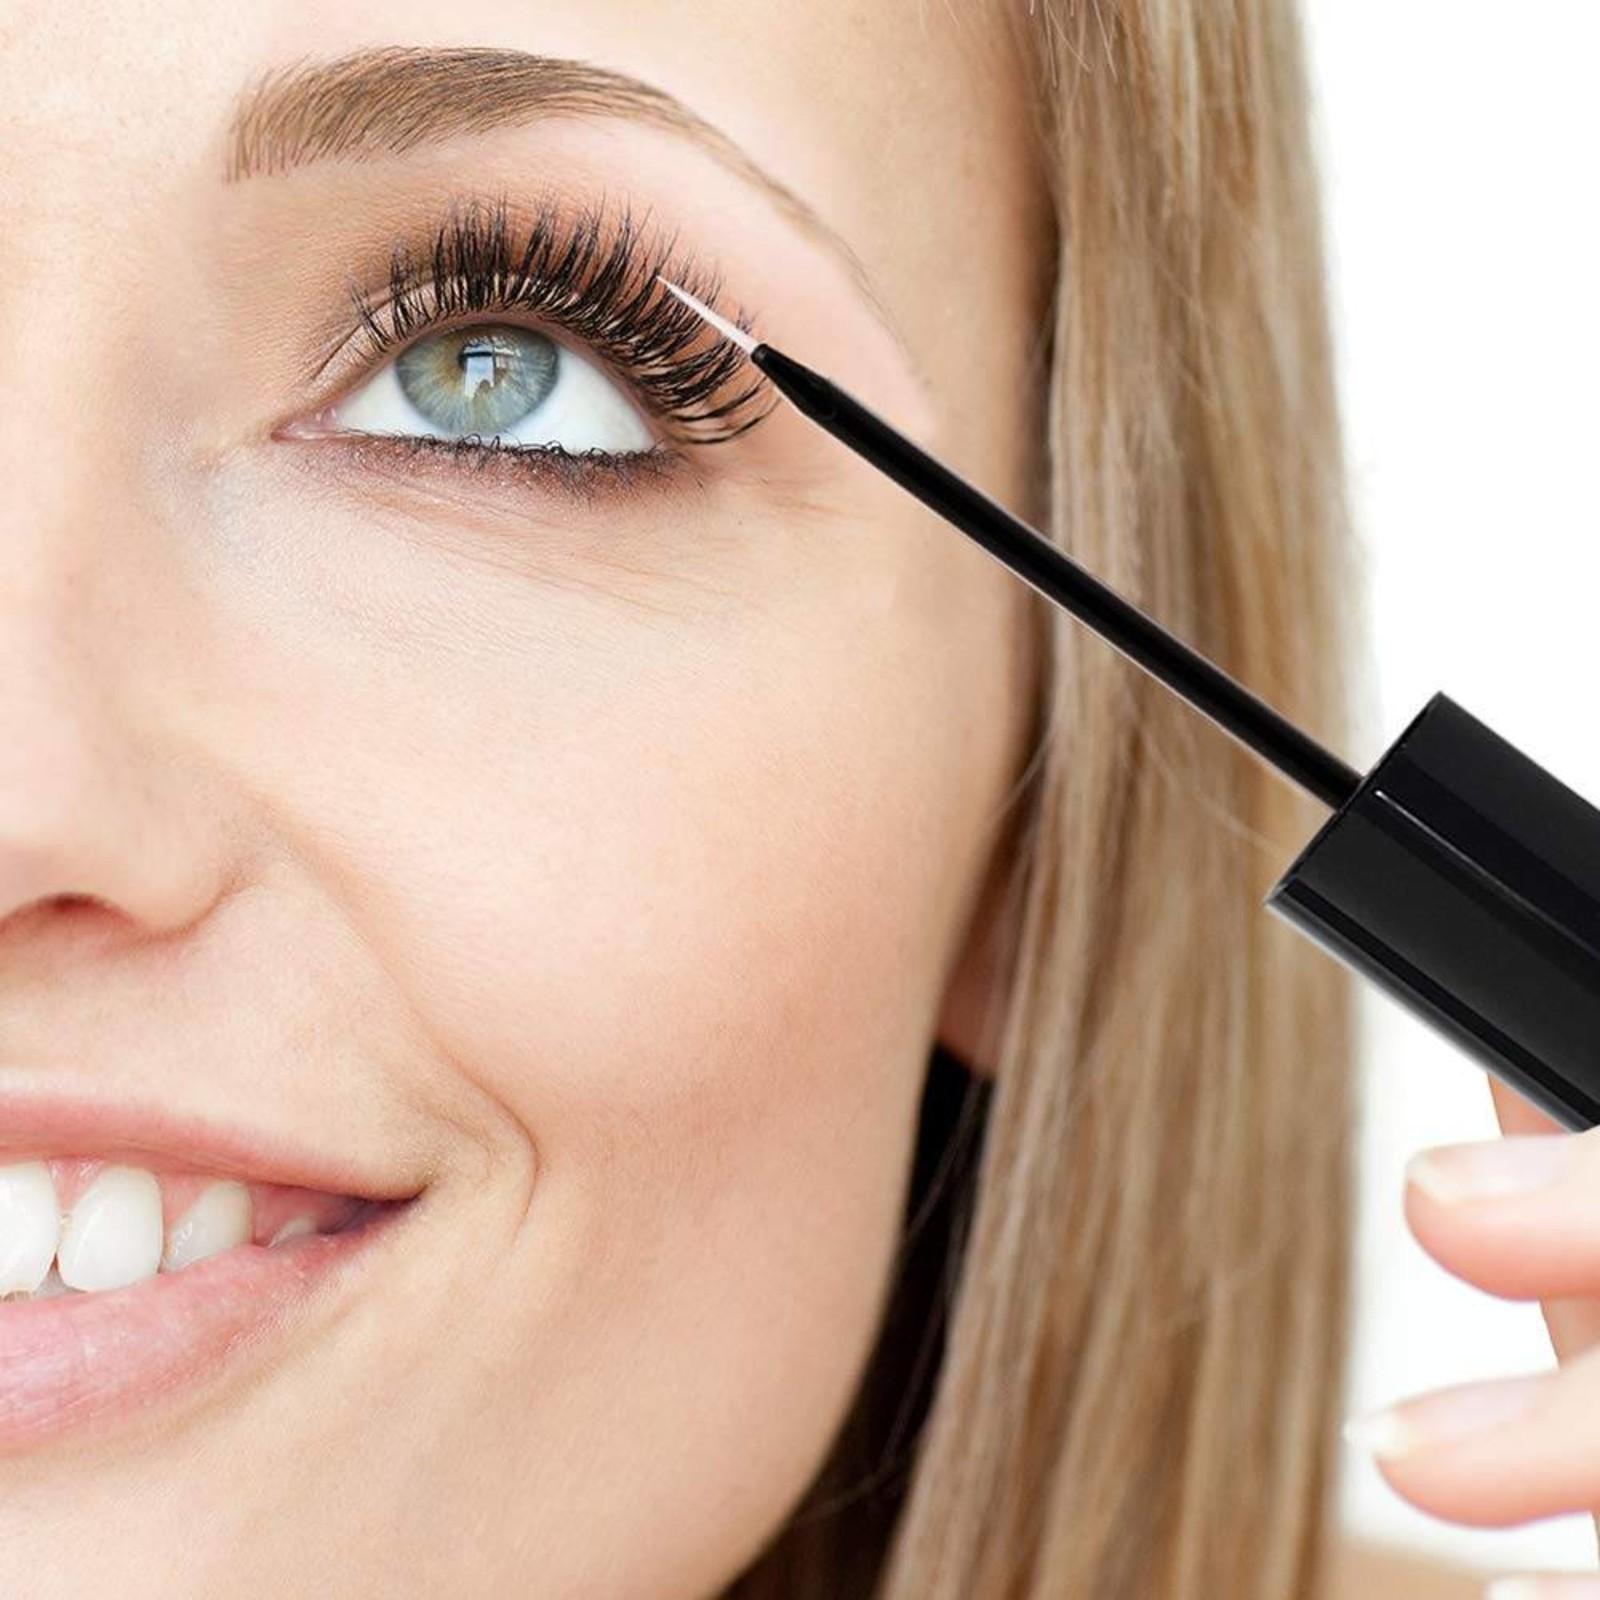 eoxx EOXX SERUM eyelash serum & eyebrow serum